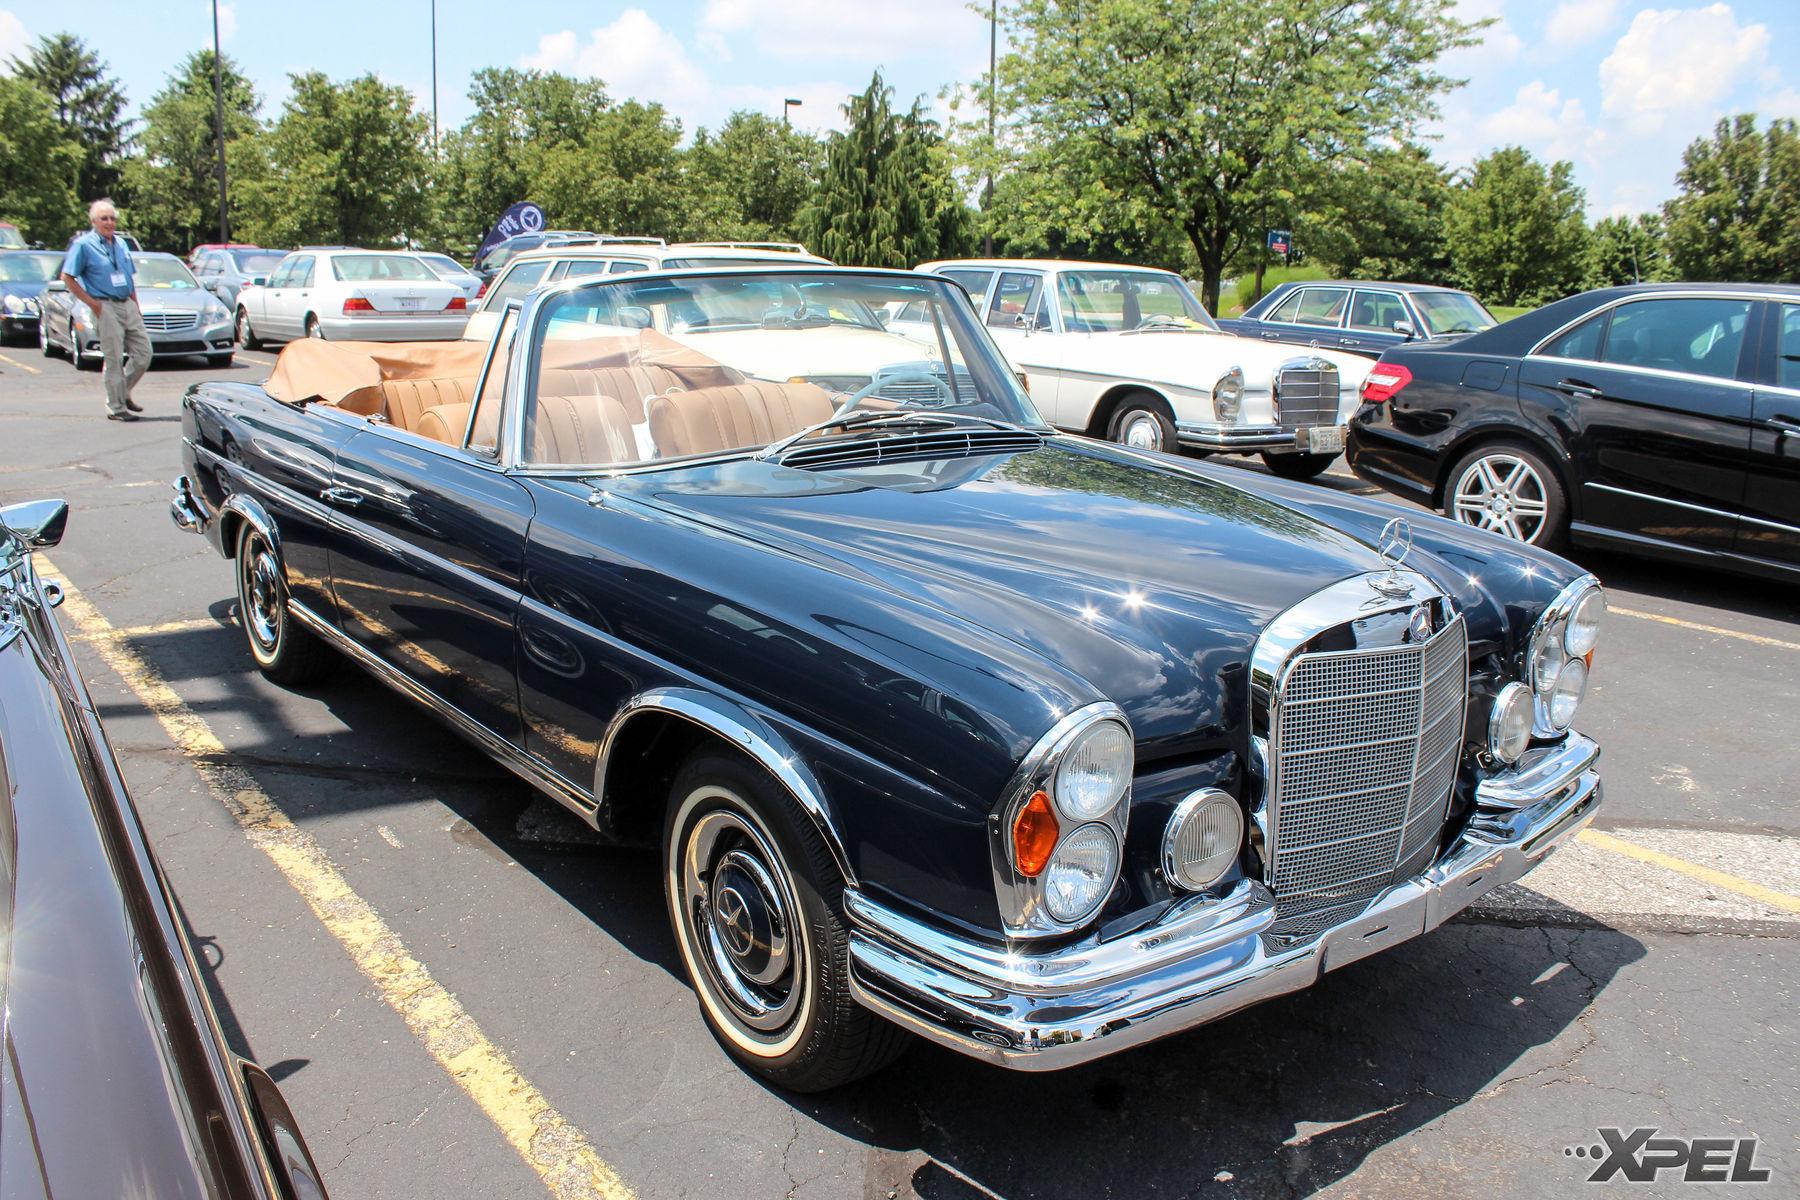 Mercedes-Benz    A beautiful classic Mercedes-Benz